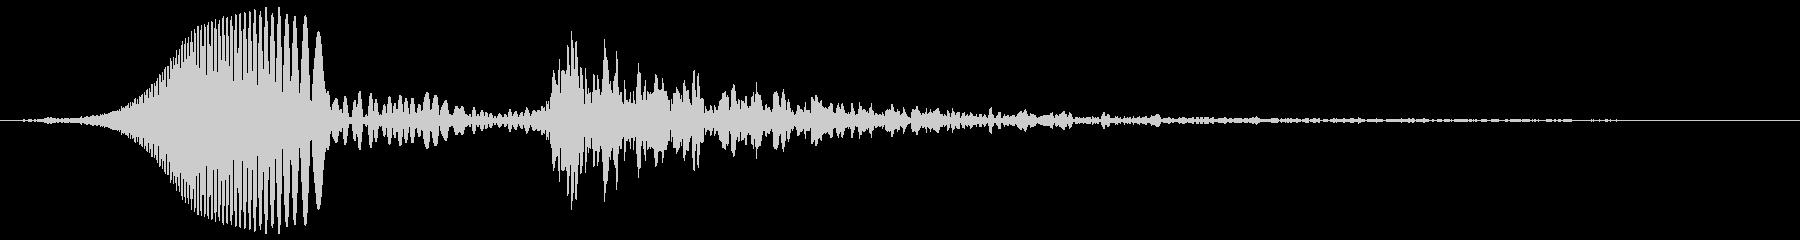 レーザービーム(ピュン、ドンという音)の未再生の波形